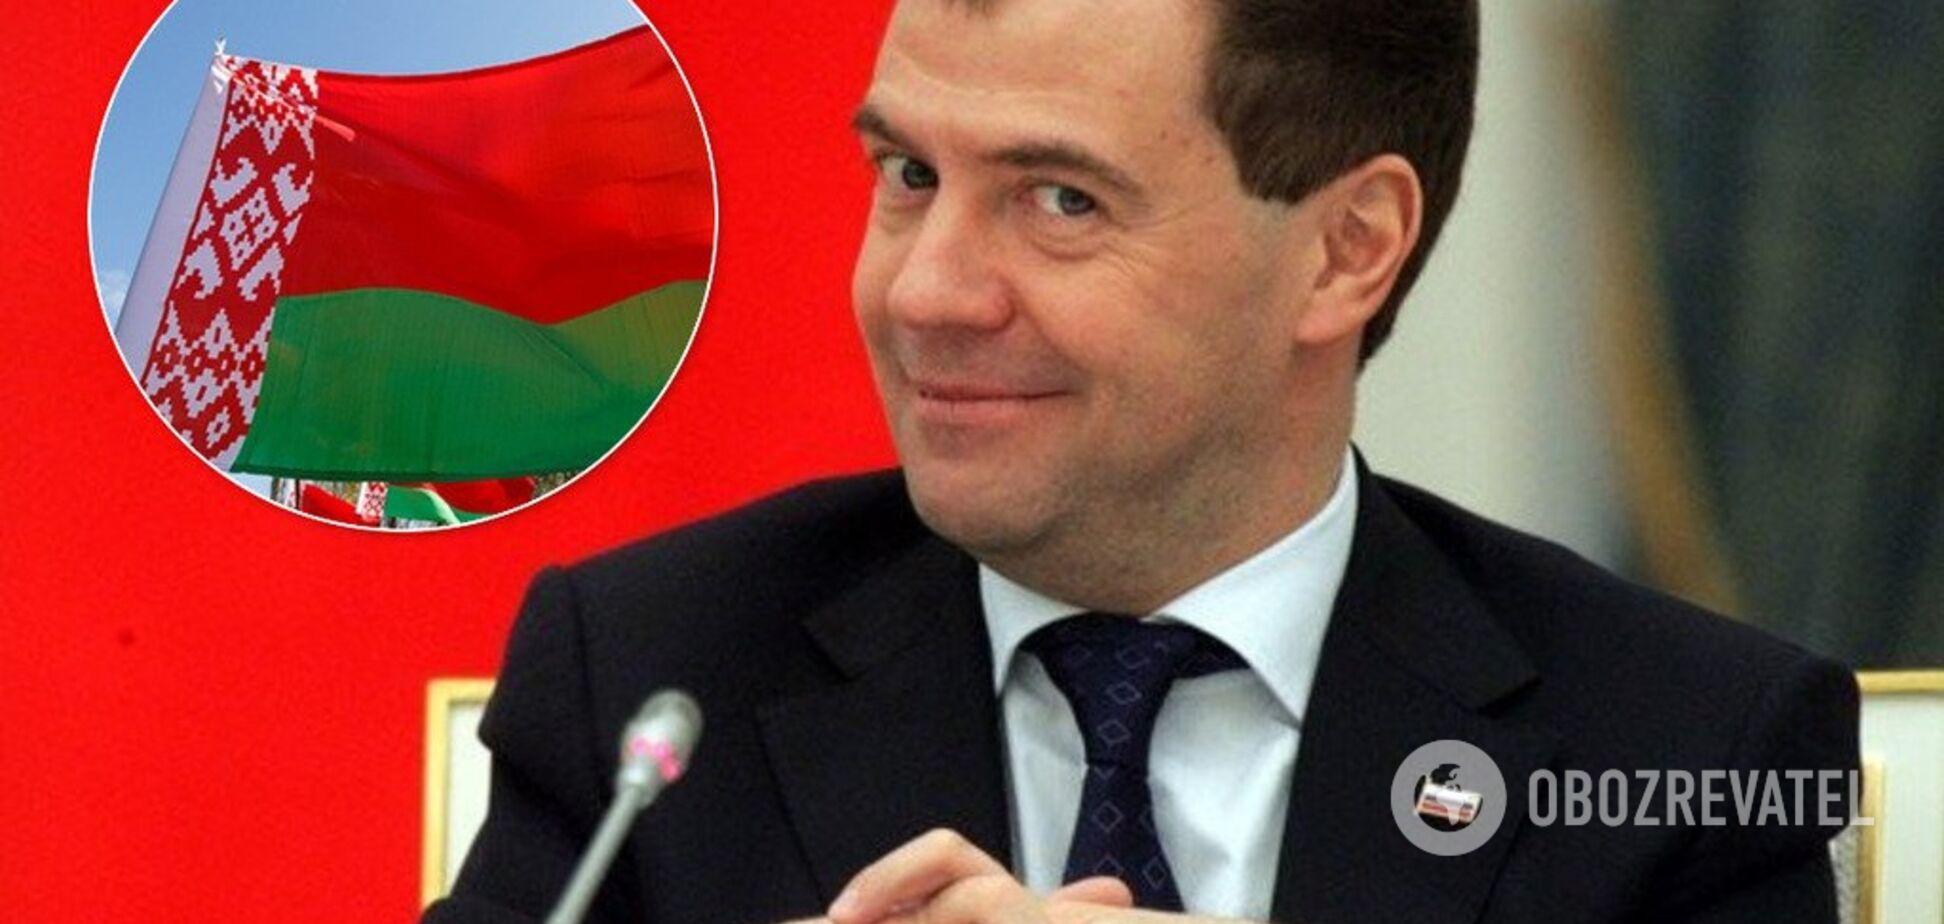 'Не нужно бояться!' Медведев высказался о союзном государстве с Беларусью